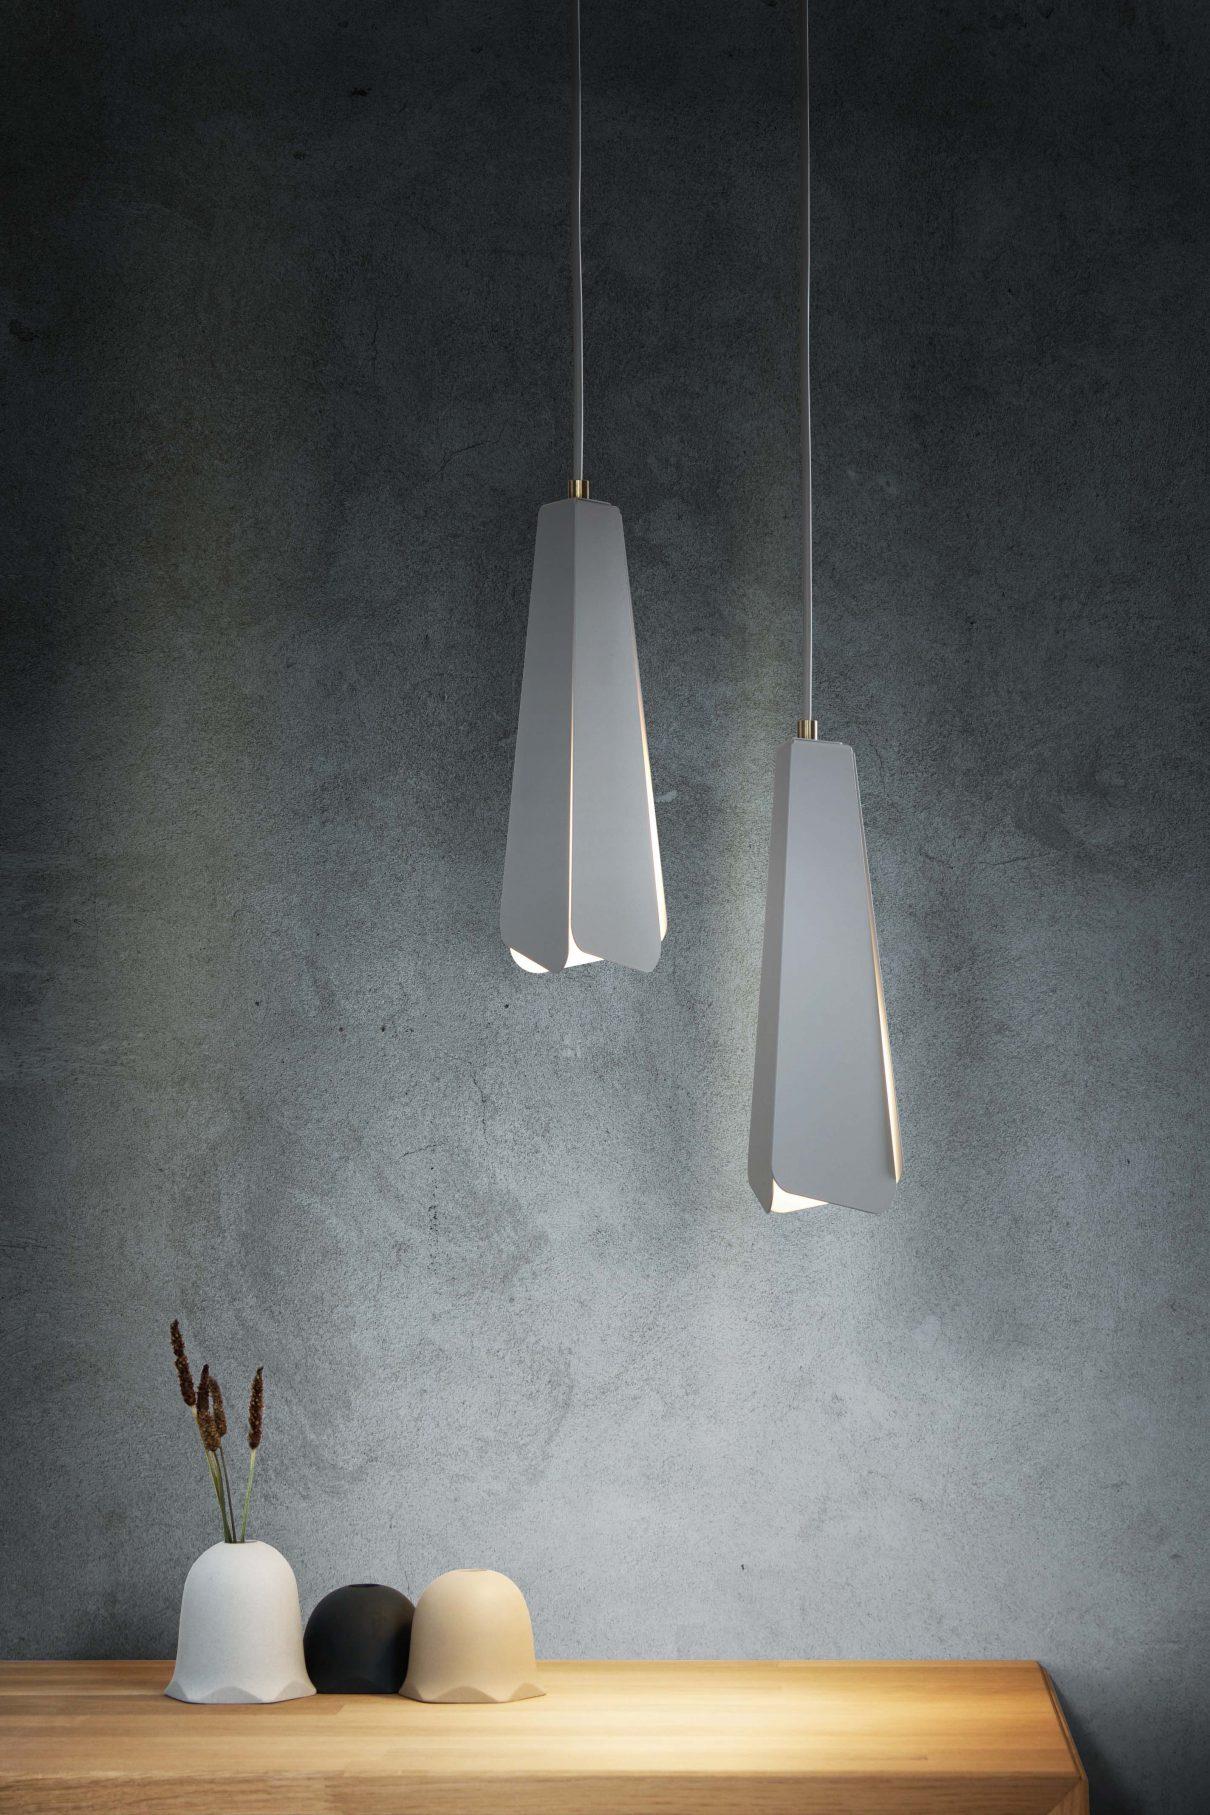 Minimalistische hanglamp met overlappingen en kieren